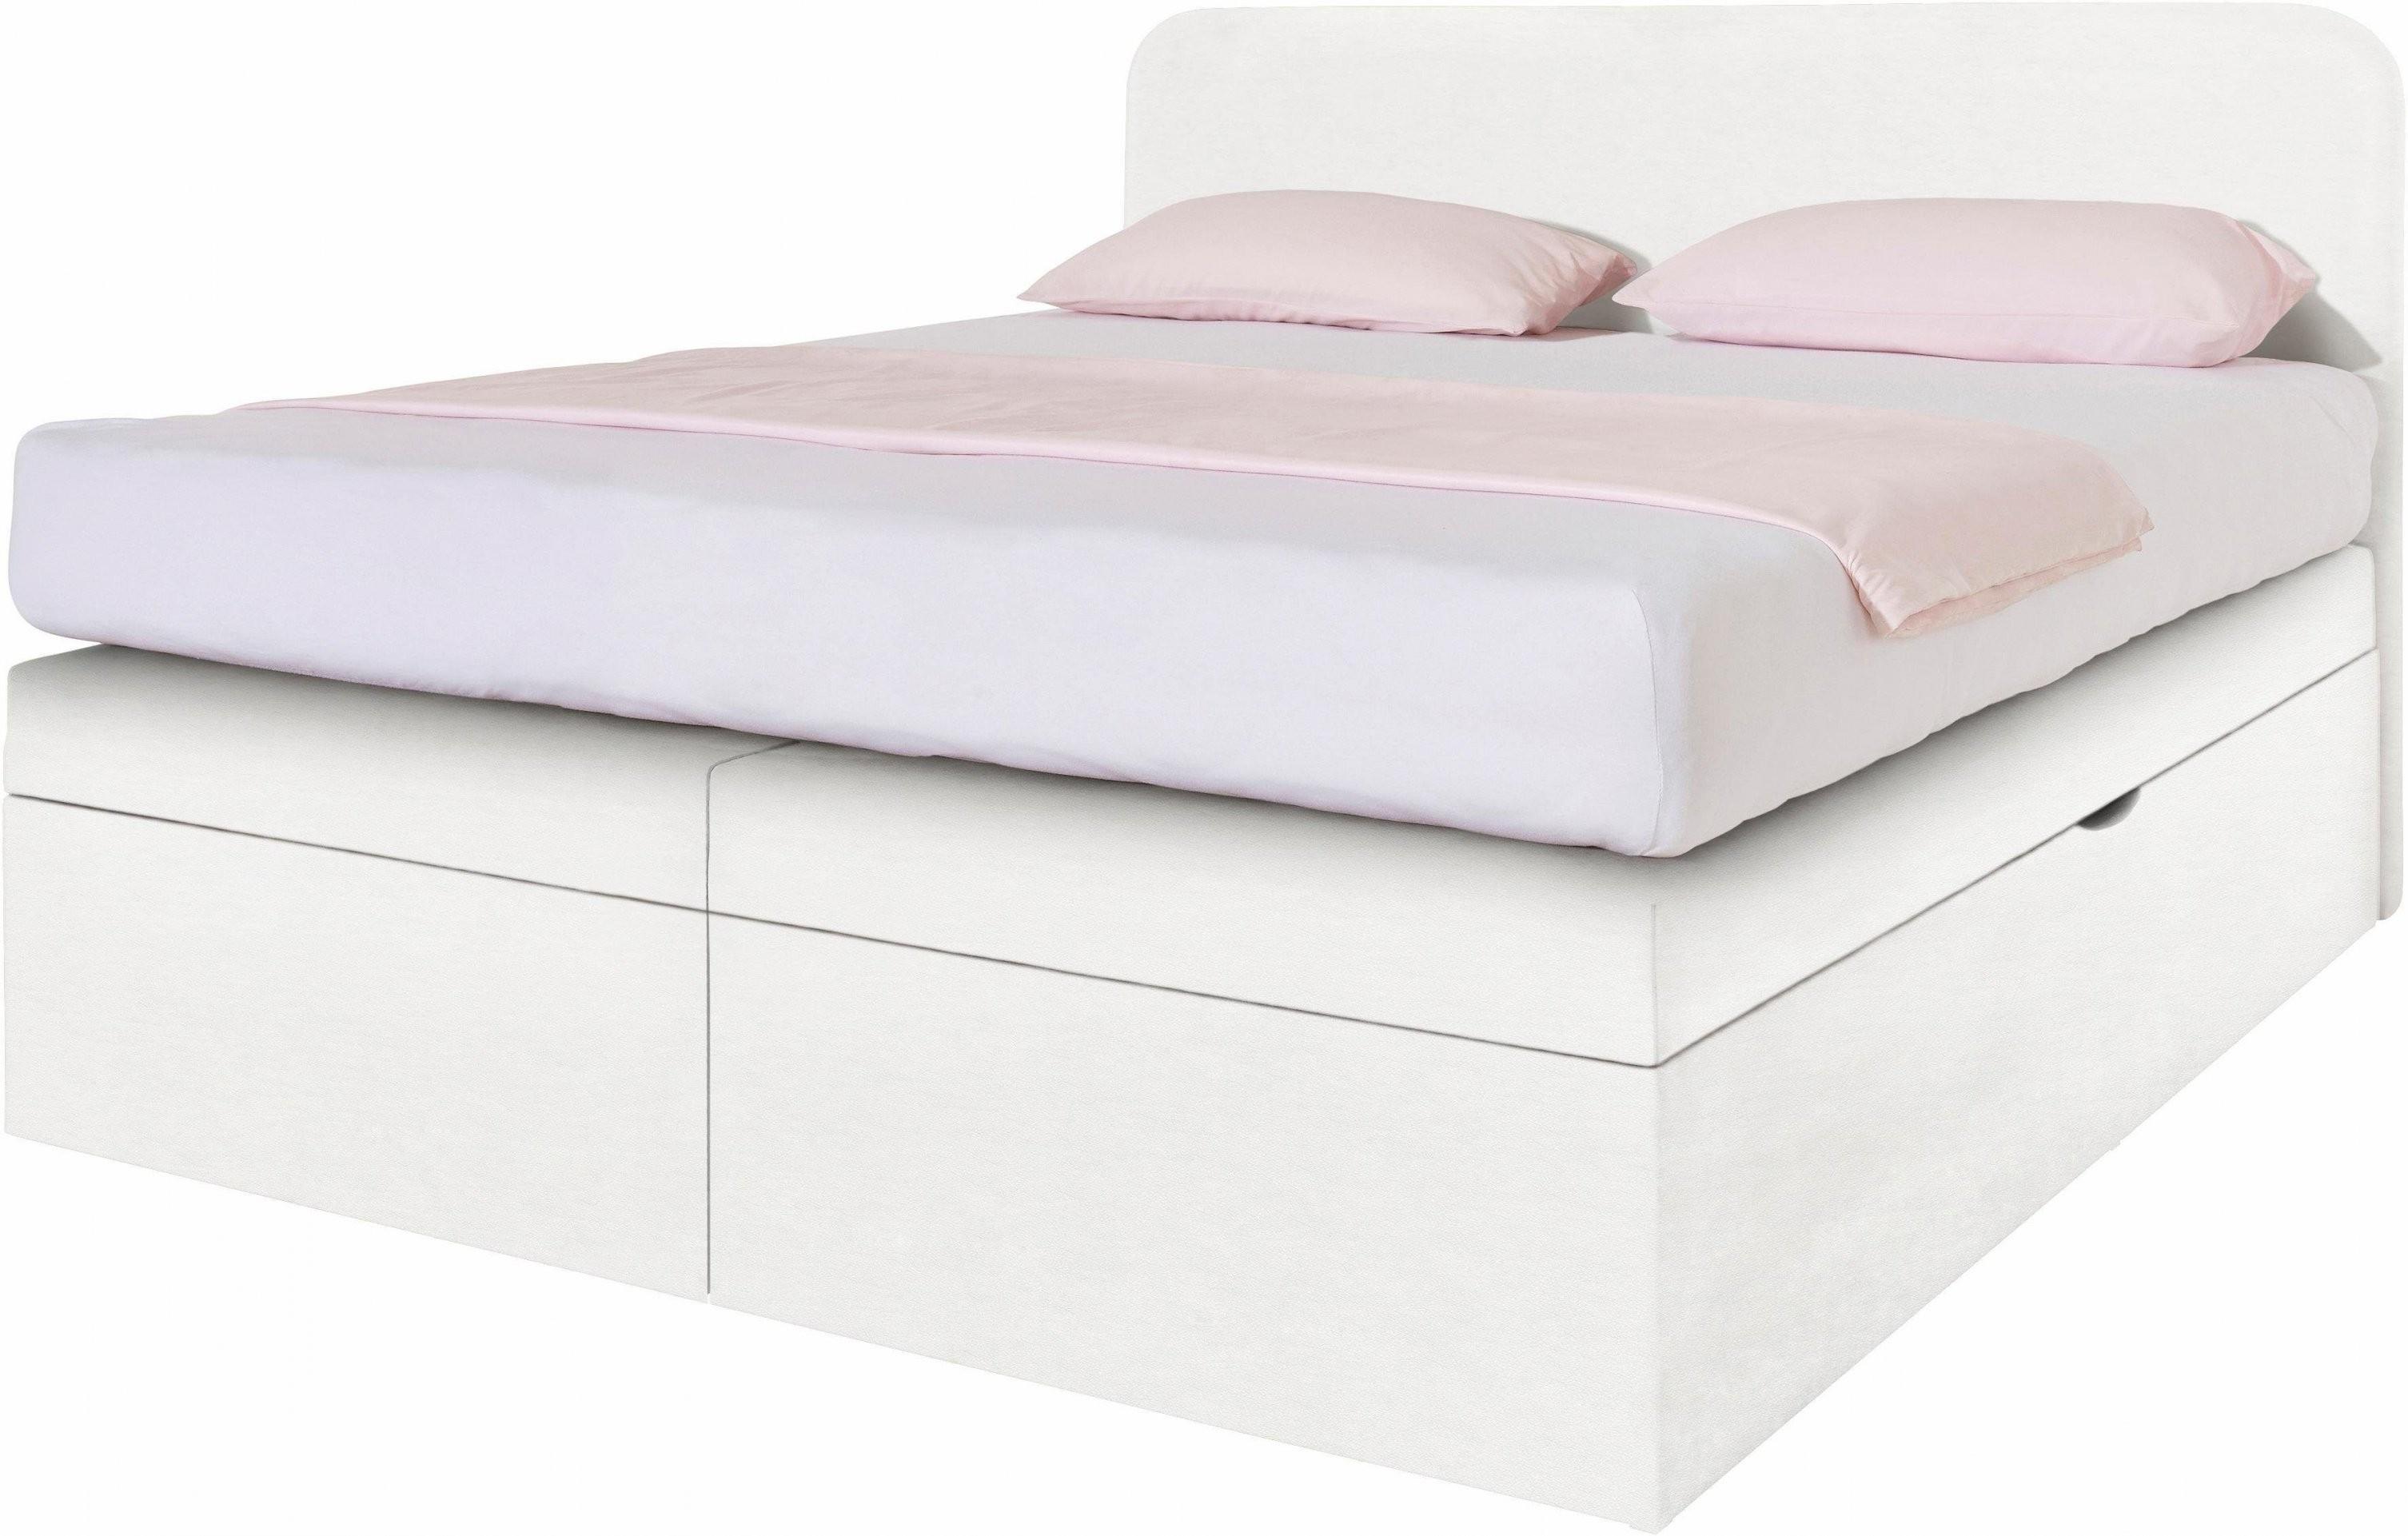 Lit Moderne 140 X 200 Erstaunlich Günstige Betten 140X200 Mit von Moderne Betten 140X200 Photo